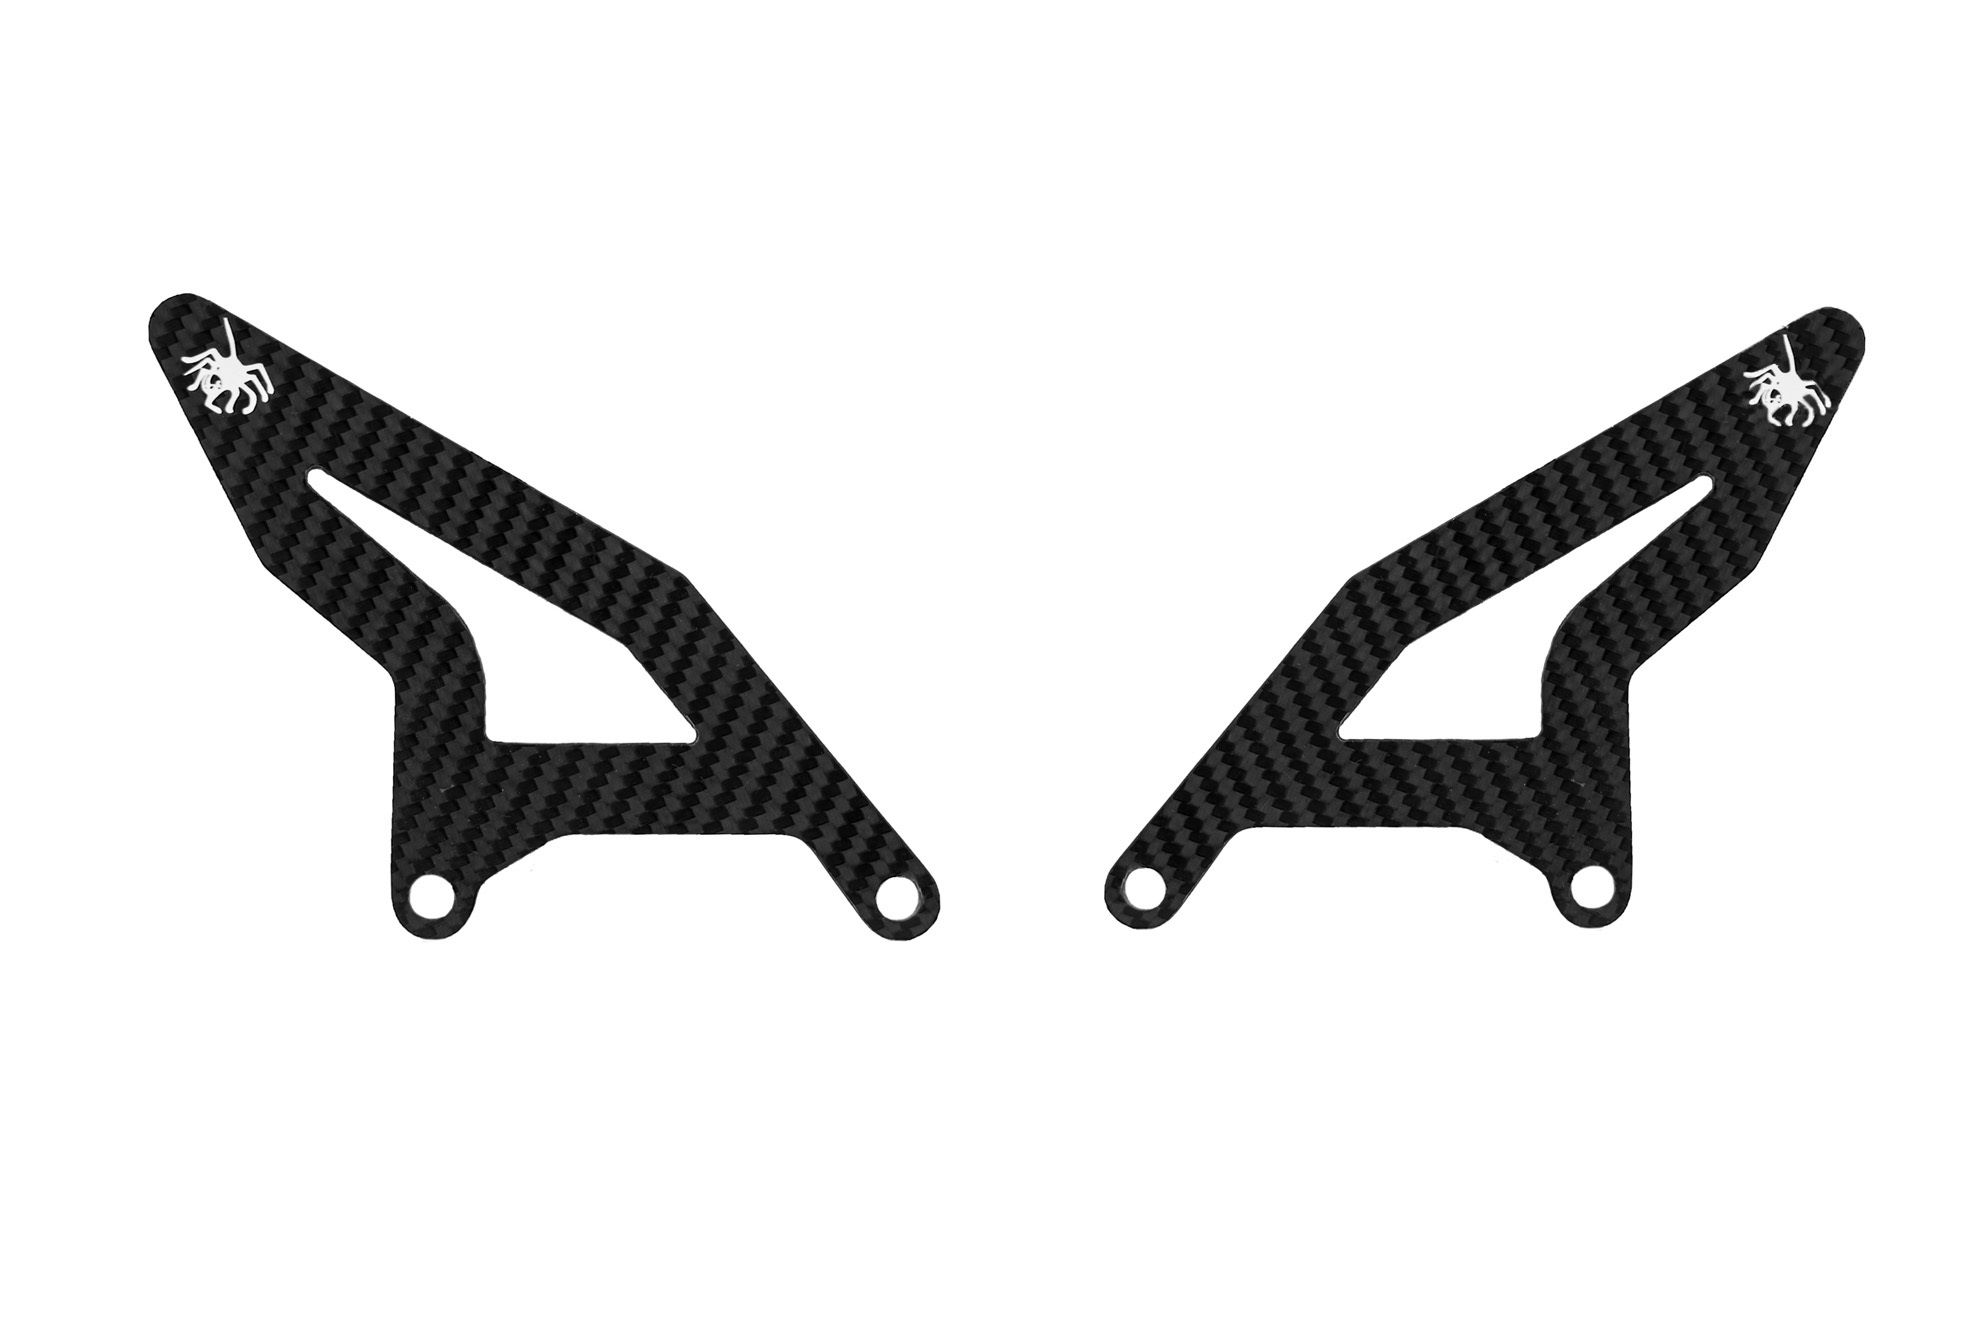 Gazechimp Protezione Poggiapiedi Heel Moto Fender per Quad